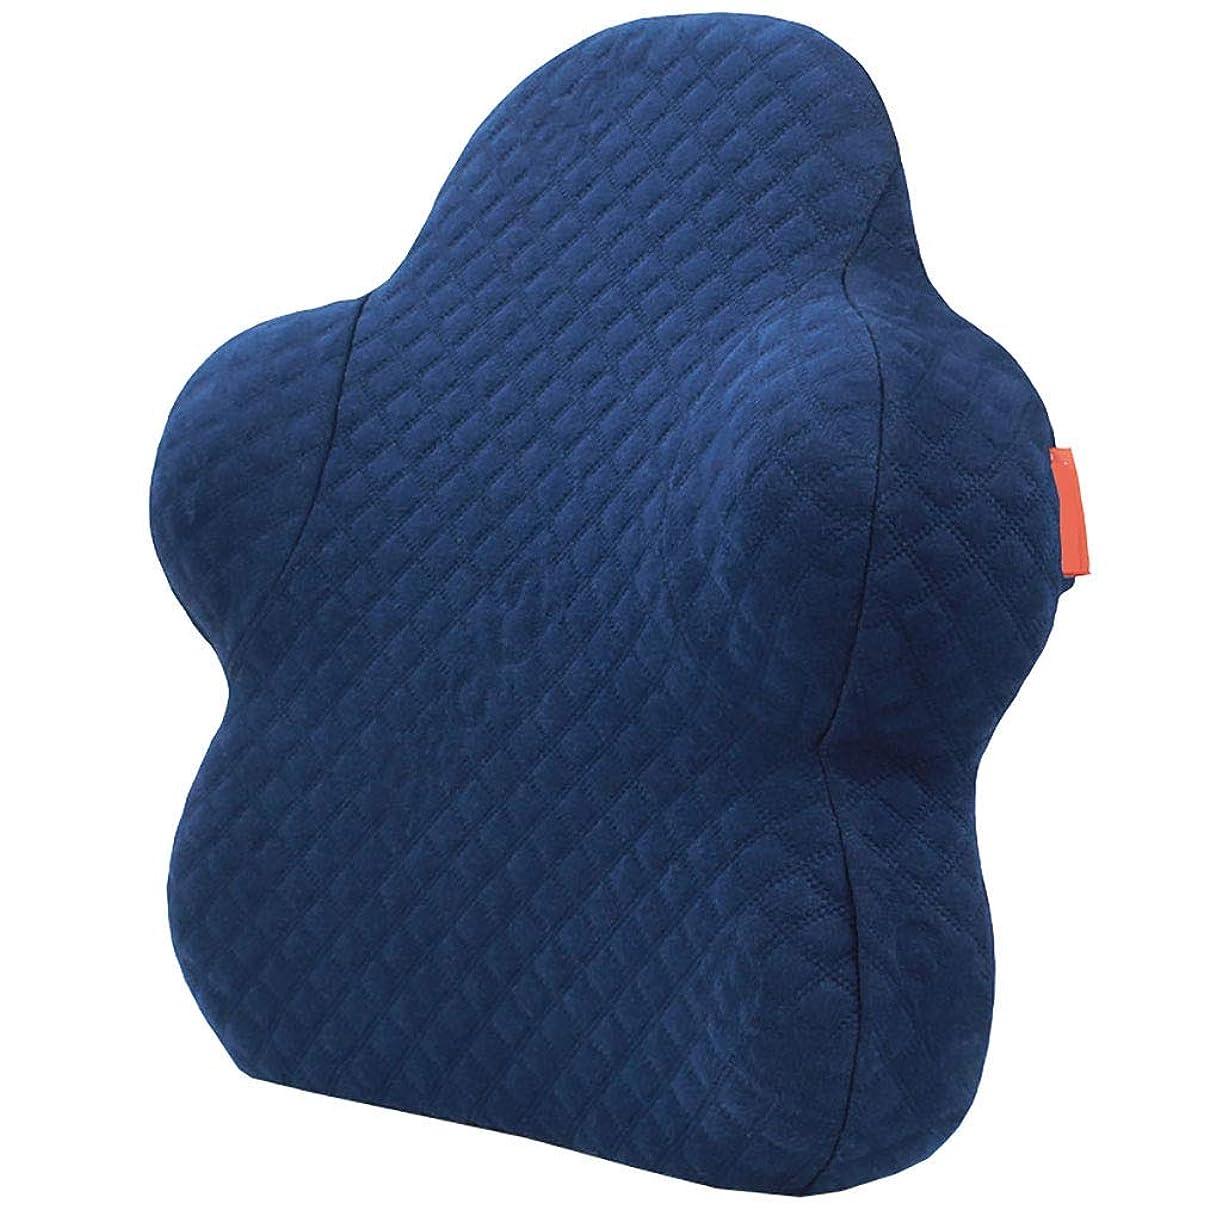 誰が不愉快に護衛SXT ソフト快適なリッジプロテクターウエストクッションオフィスピローウエストパッドチェアバックレストパッドシートウエストウエストランバーパッド妊娠中の女性腰椎腰椎枕腰椎サポート